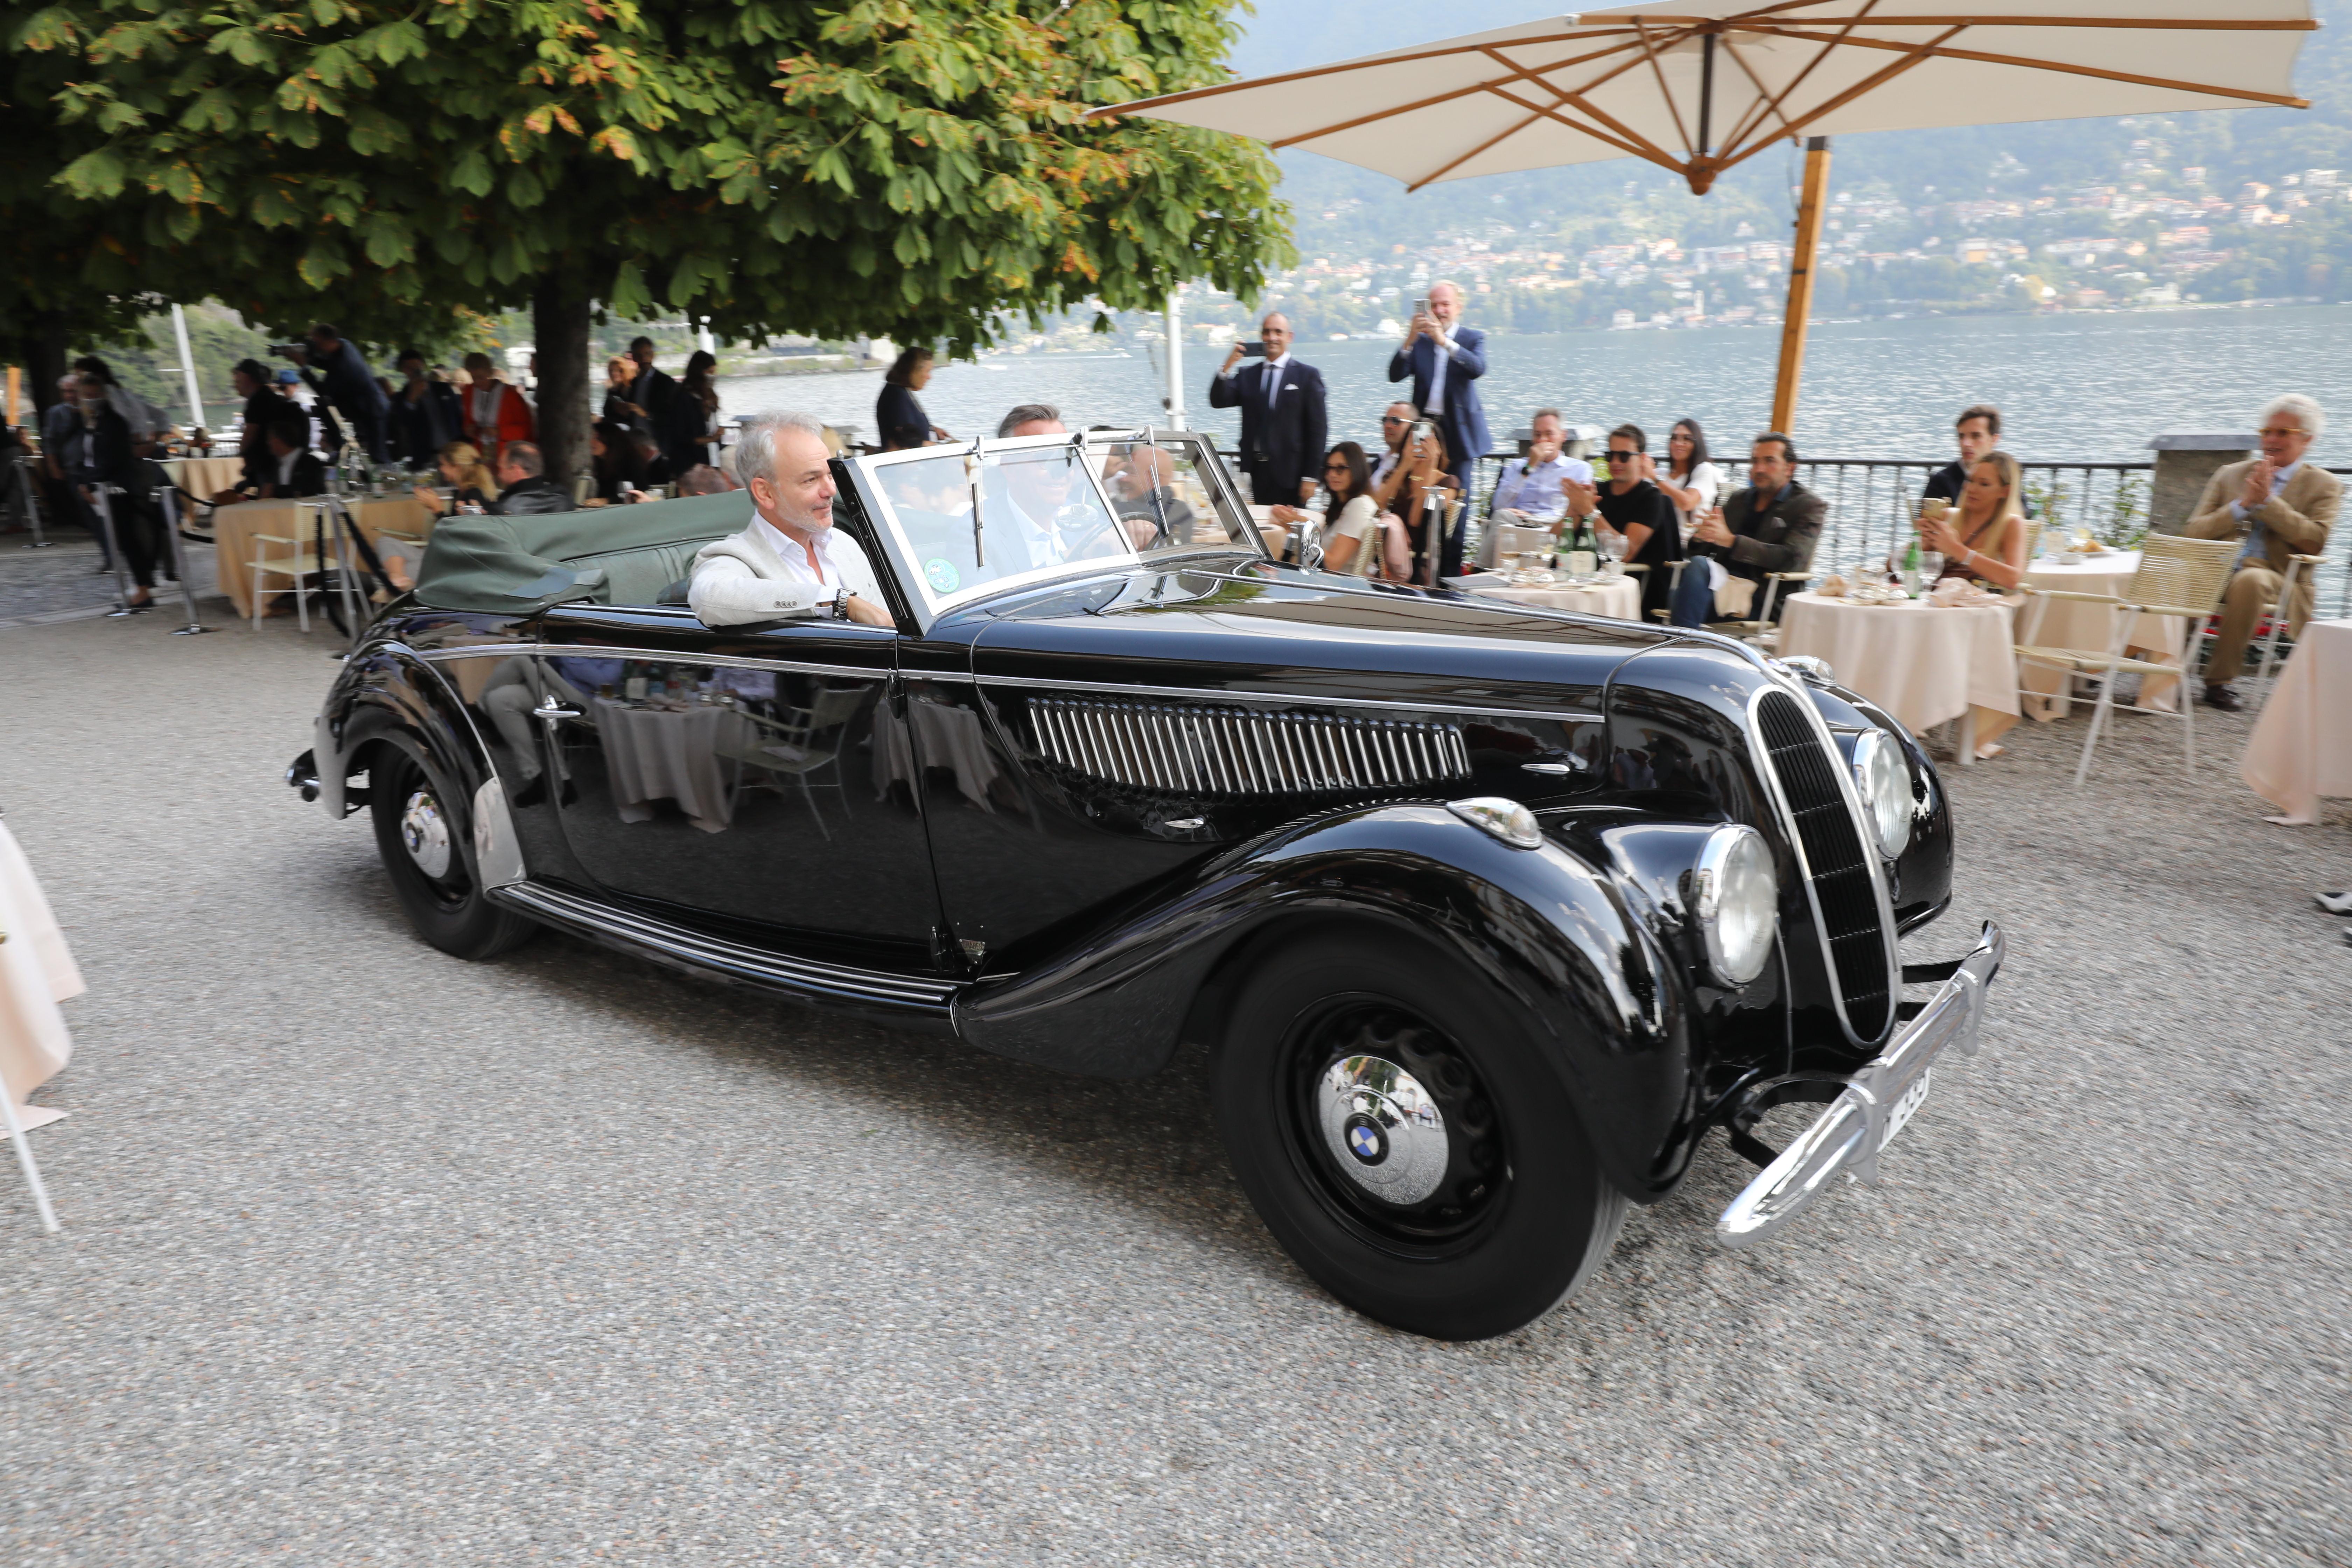 BMWs designsjef blir inspirert av klassiske biler, og ser fornøyd ut i passasjersetet